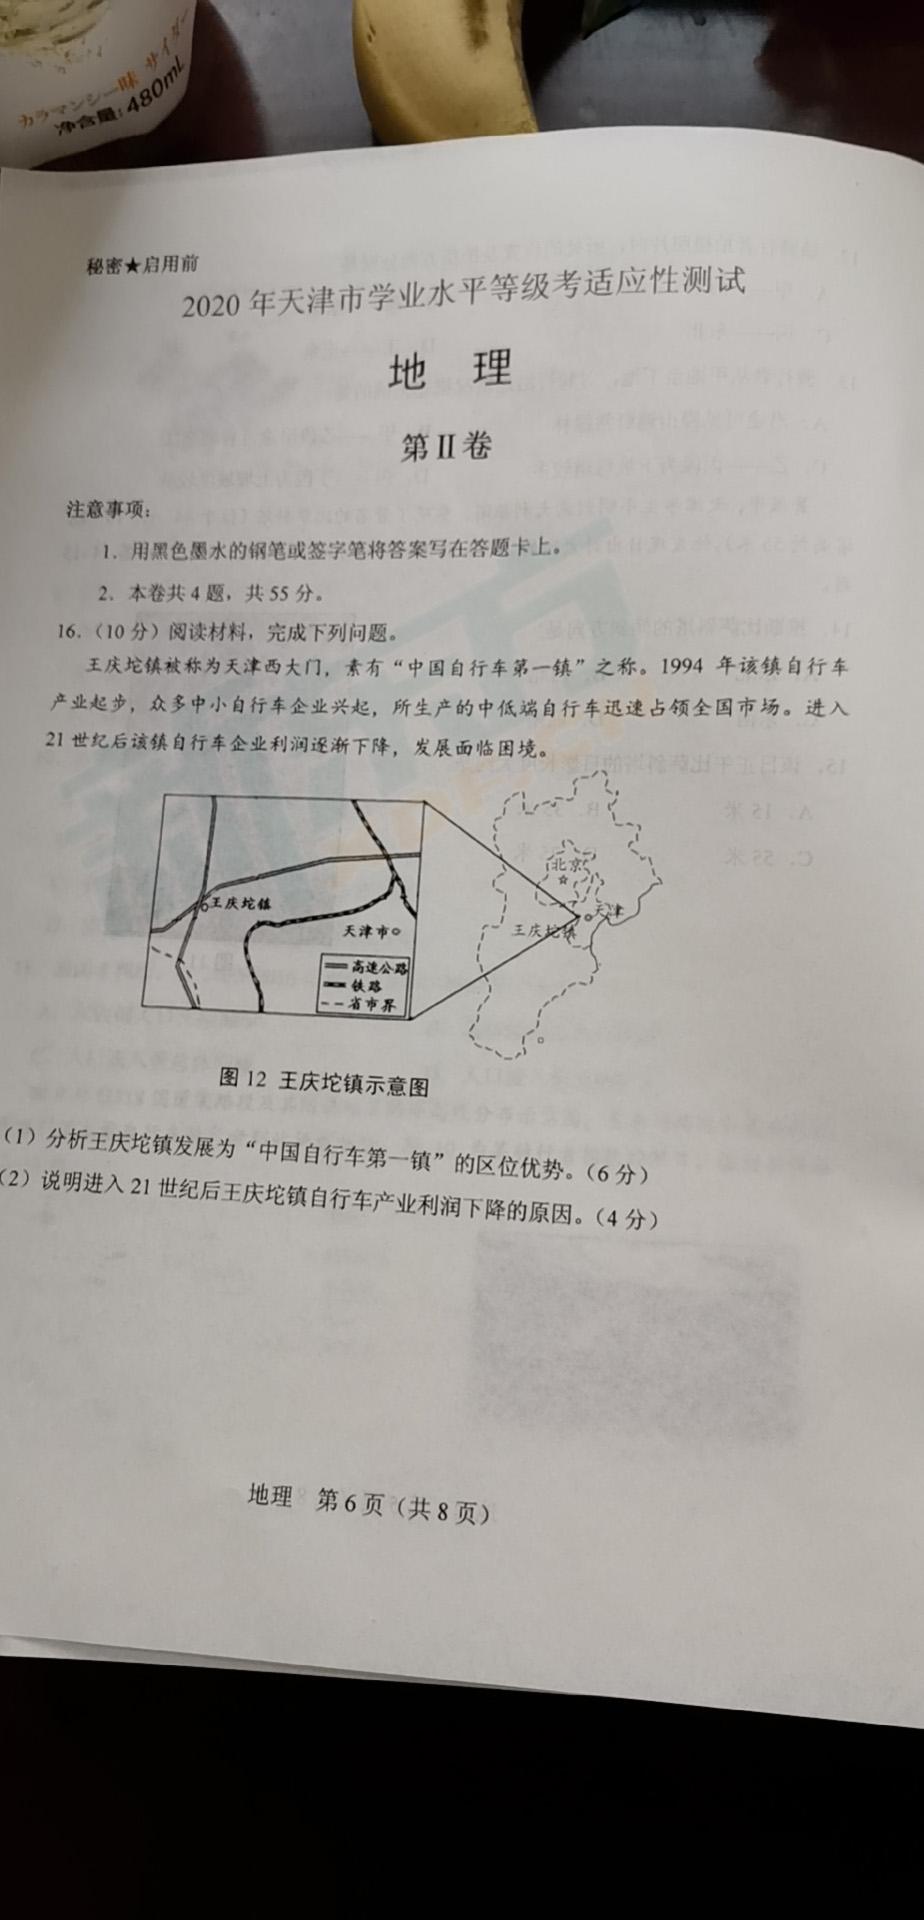 高考模拟试卷,天津高考地理模拟试卷